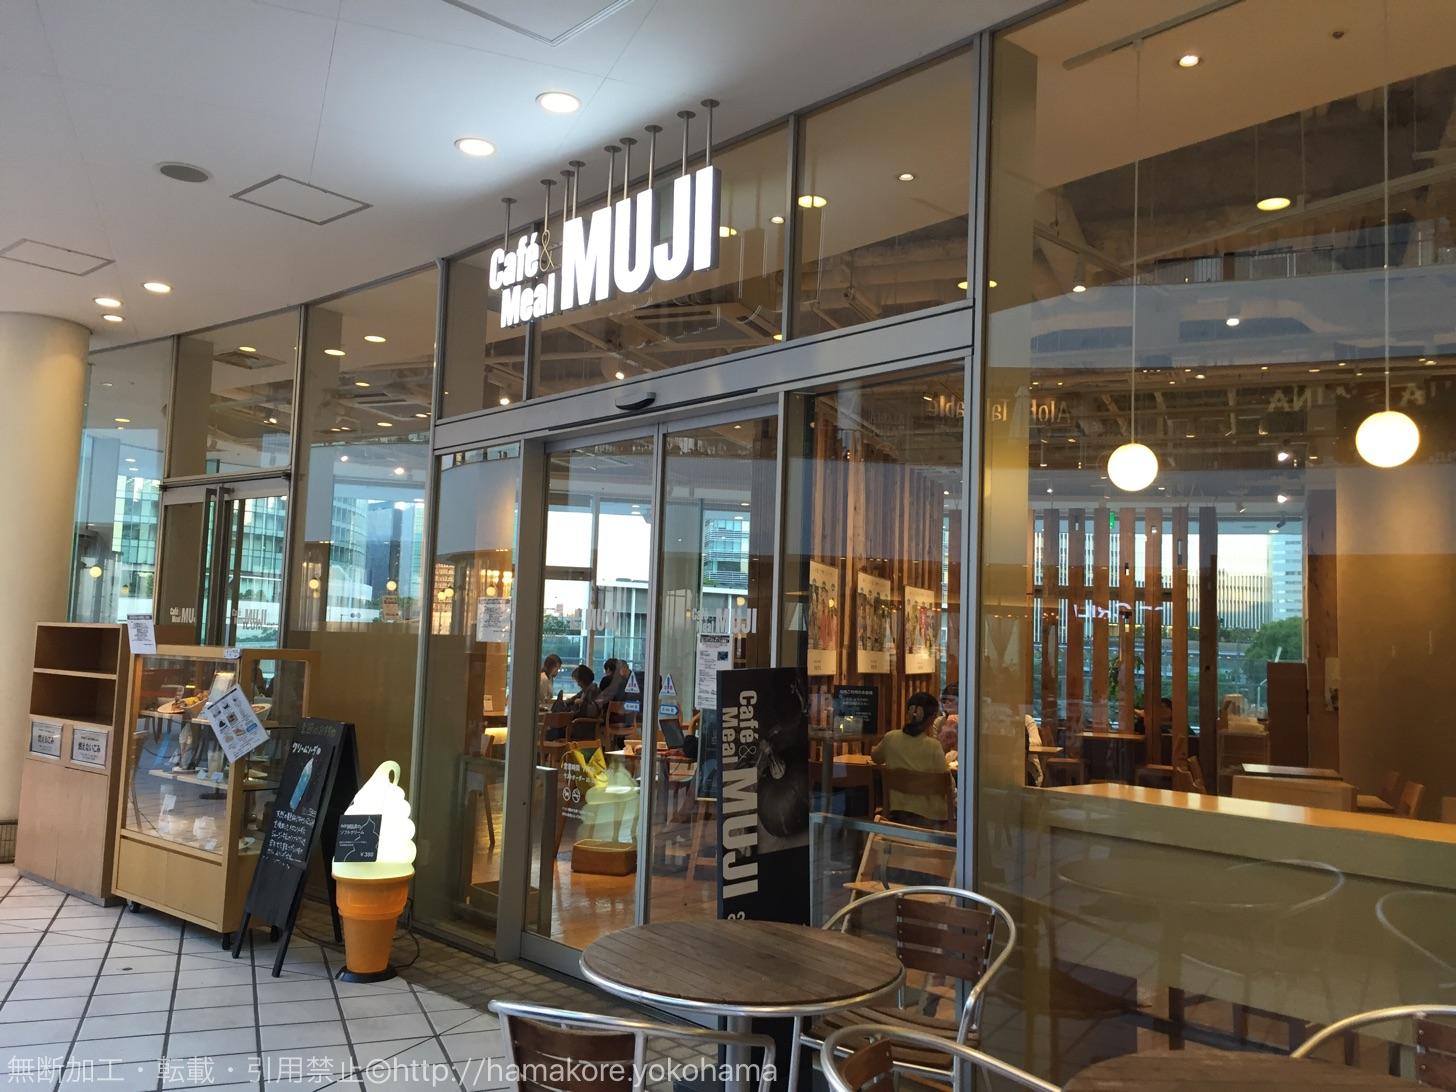 MUJIカフェ 横浜ベイクォーター店 外観